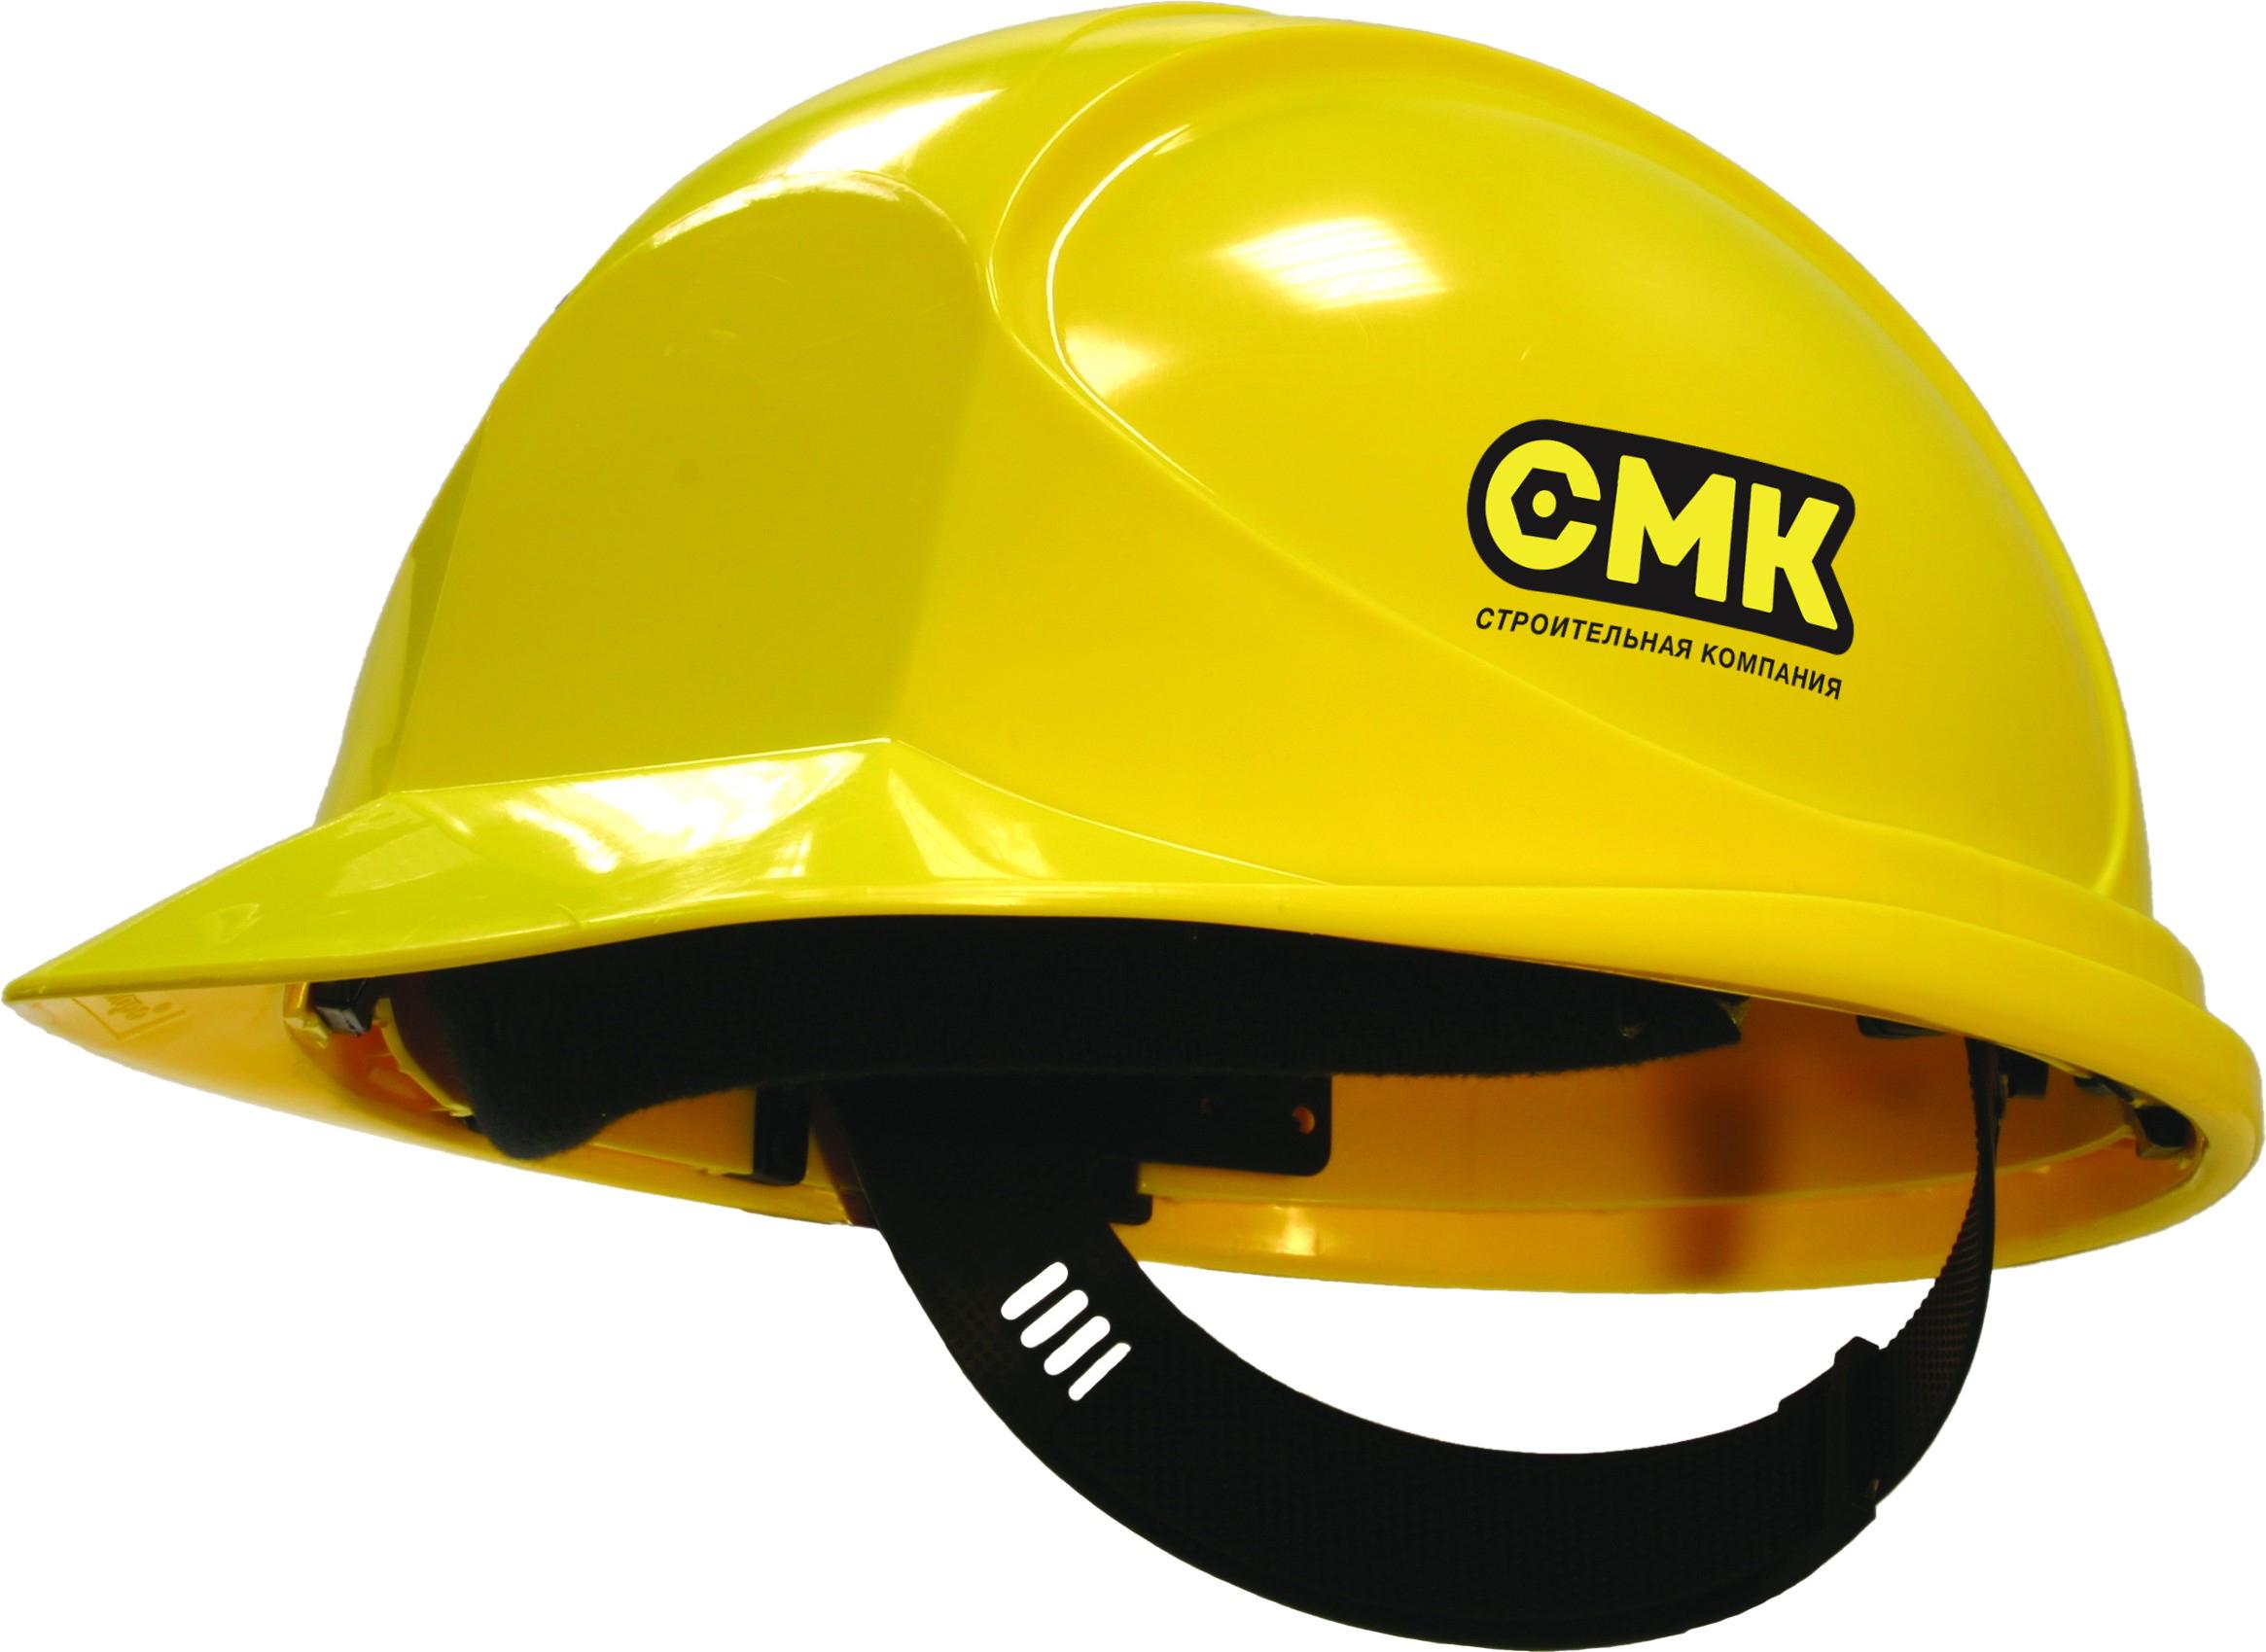 Разработка логотипа компании фото f_9345dca9d2008187.jpg